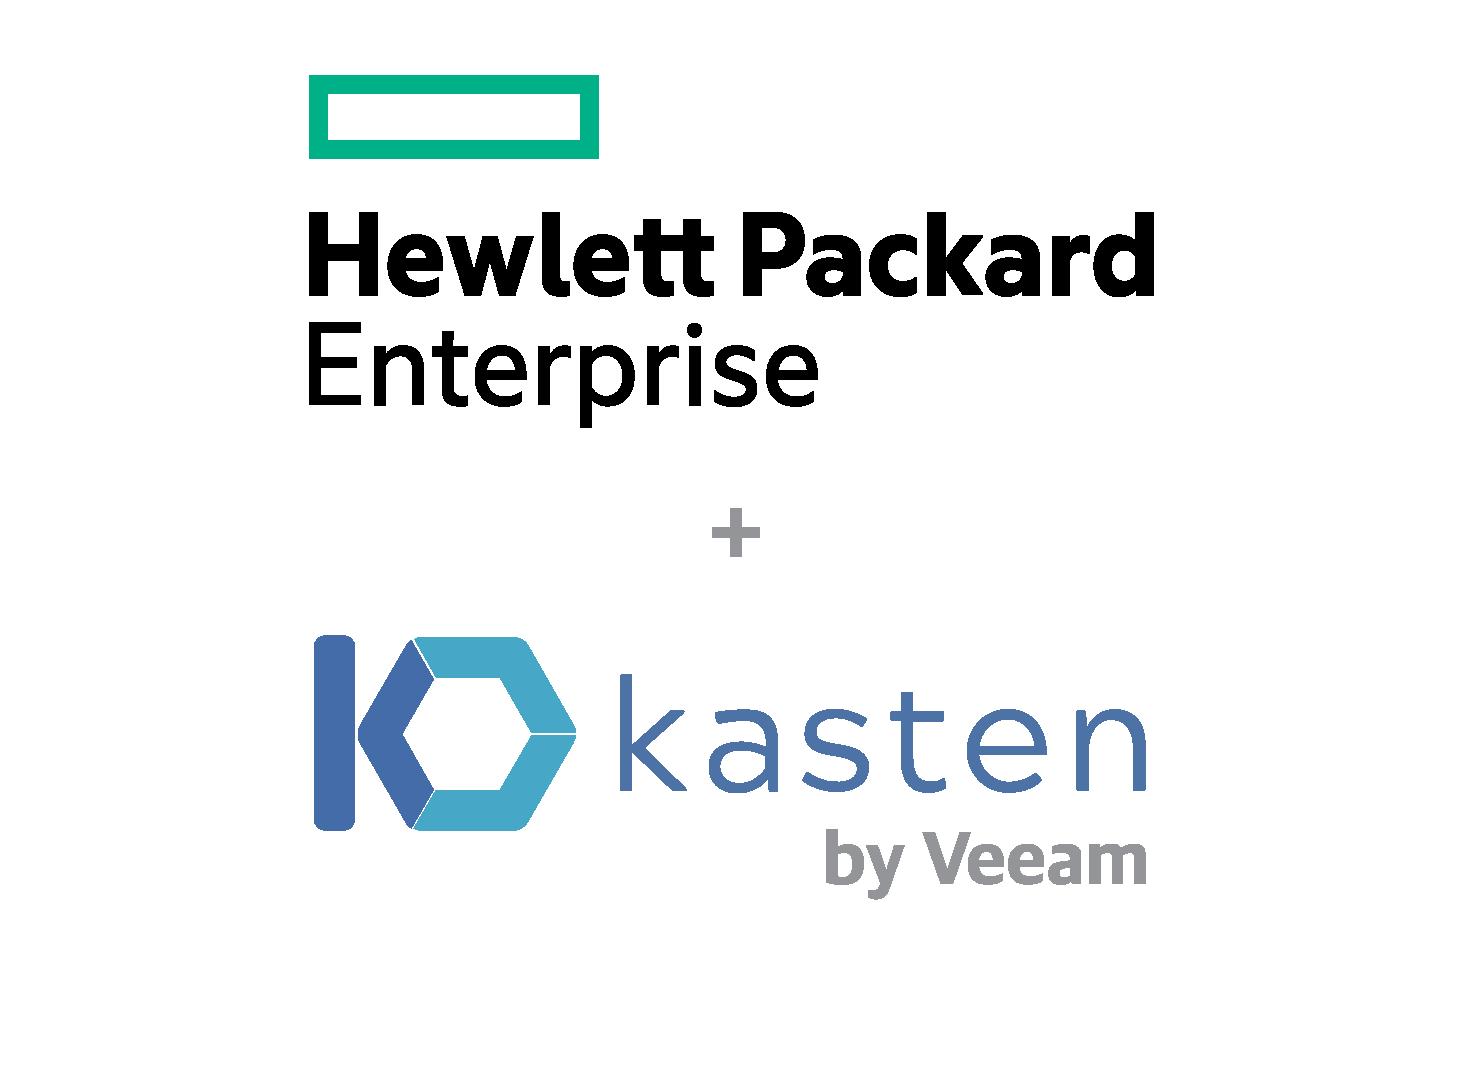 HPE+Kasten logo